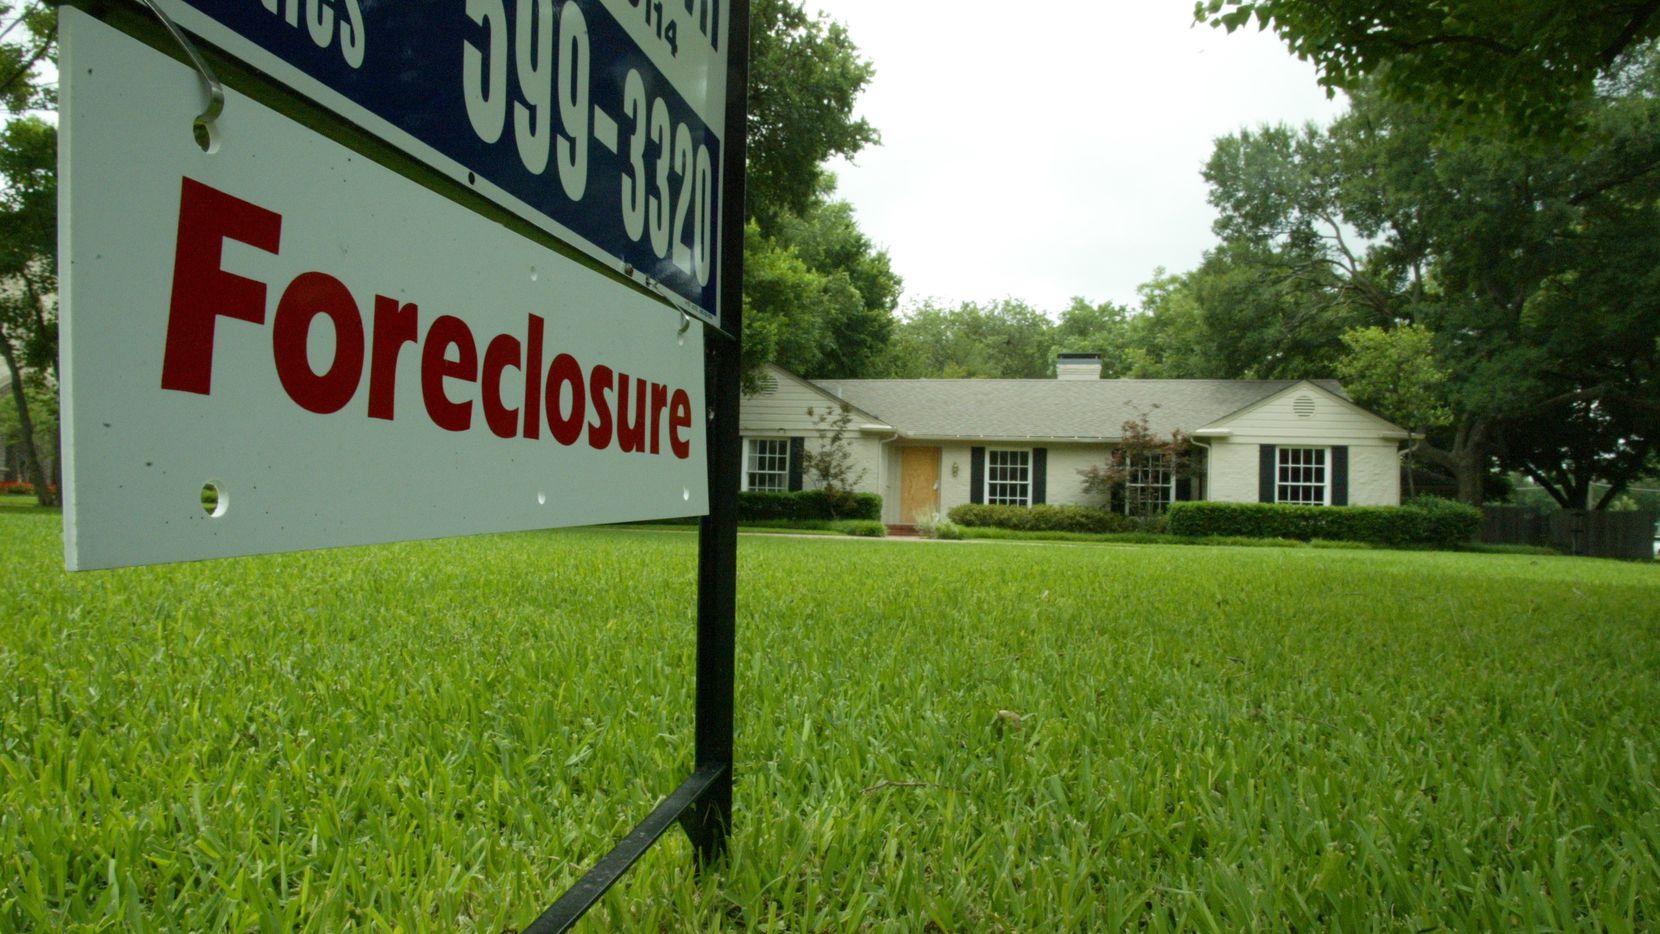 Las tasas de embargo de casas permenacen bajas pese a los retrasos en pagos de hipotecas.